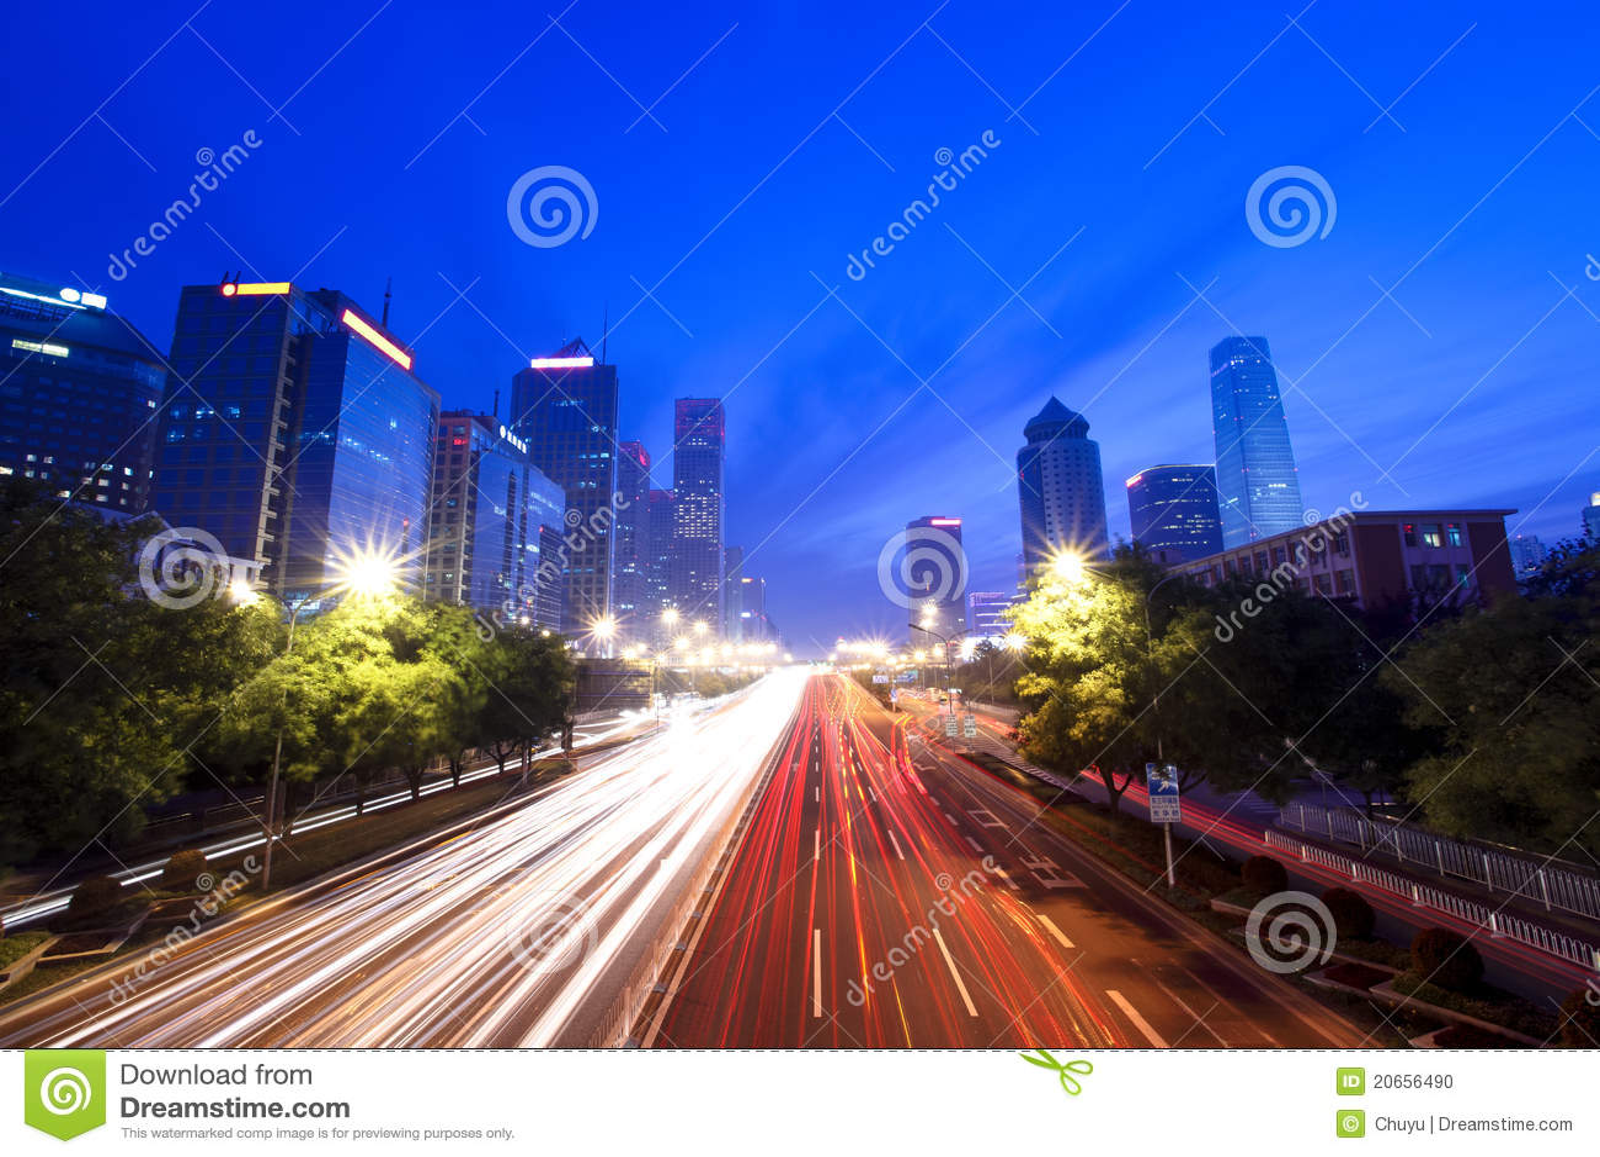 Modern cityscape in beijing at dusk